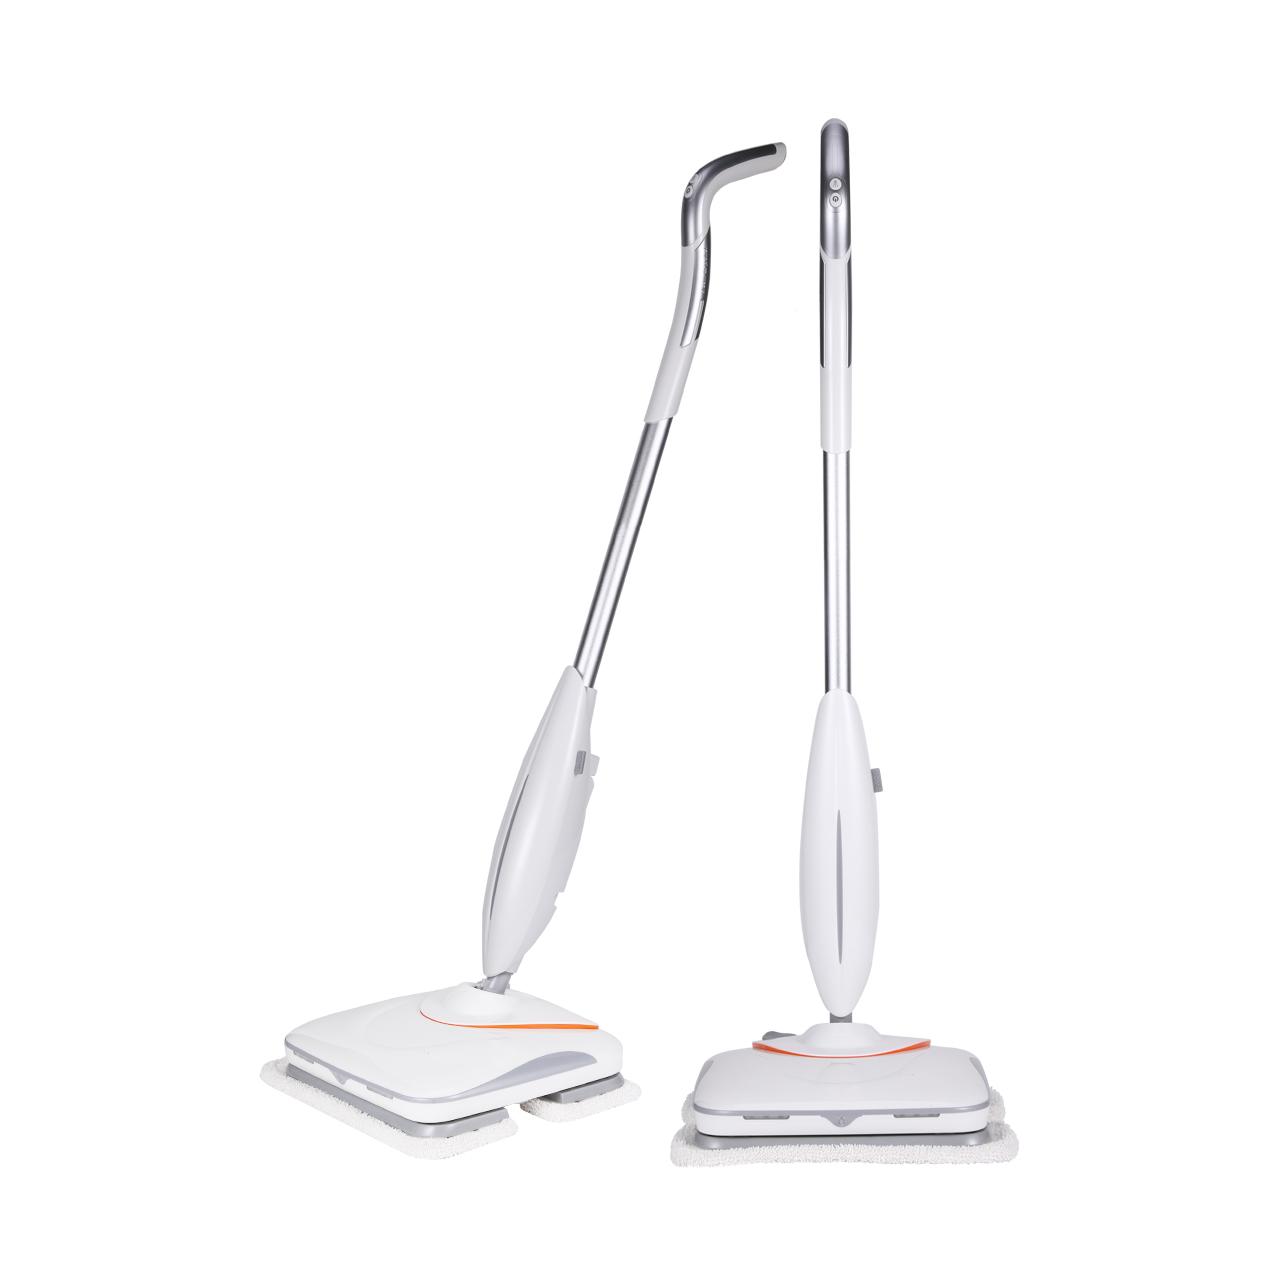 SWDK/洒哇地咔无线电动拖把家用扫地智能擦地机拖地机扫拖一体机